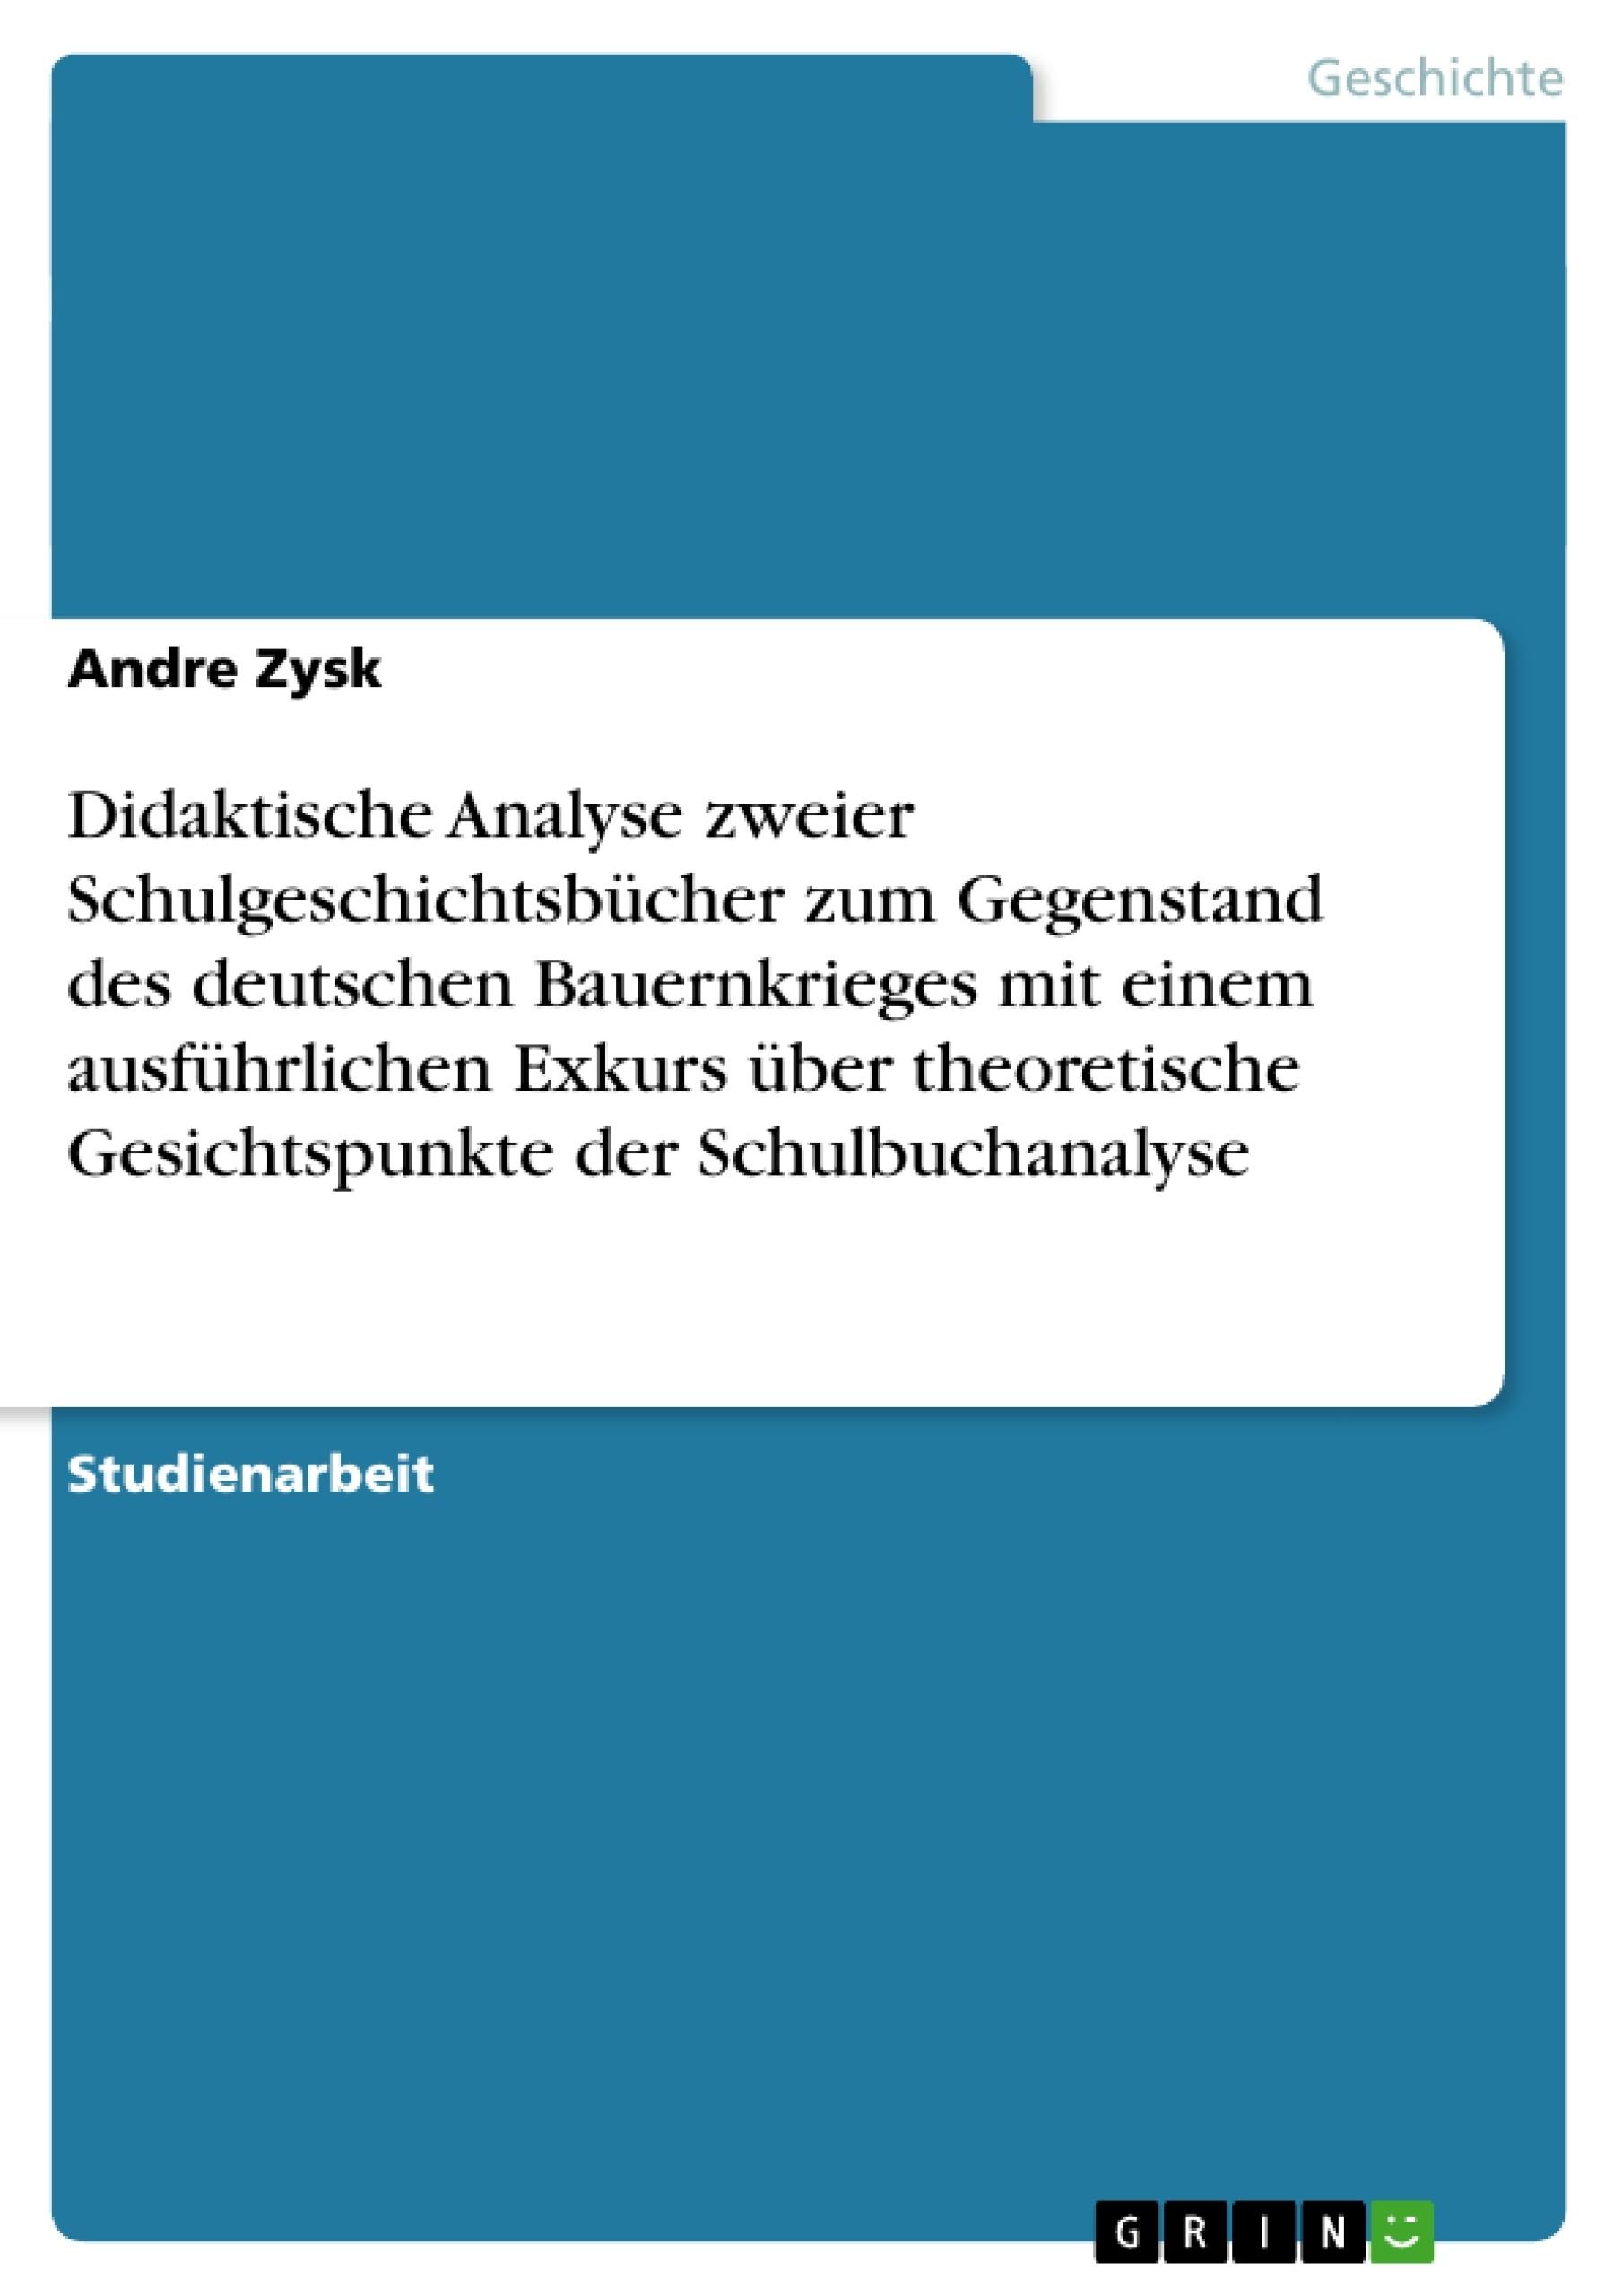 Titel: Didaktische Analyse zweier Schulgeschichtsbücher zum Gegenstand des deutschen Bauernkrieges mit einem ausführlichen Exkurs über theoretische Gesichtspunkte der Schulbuchanalyse